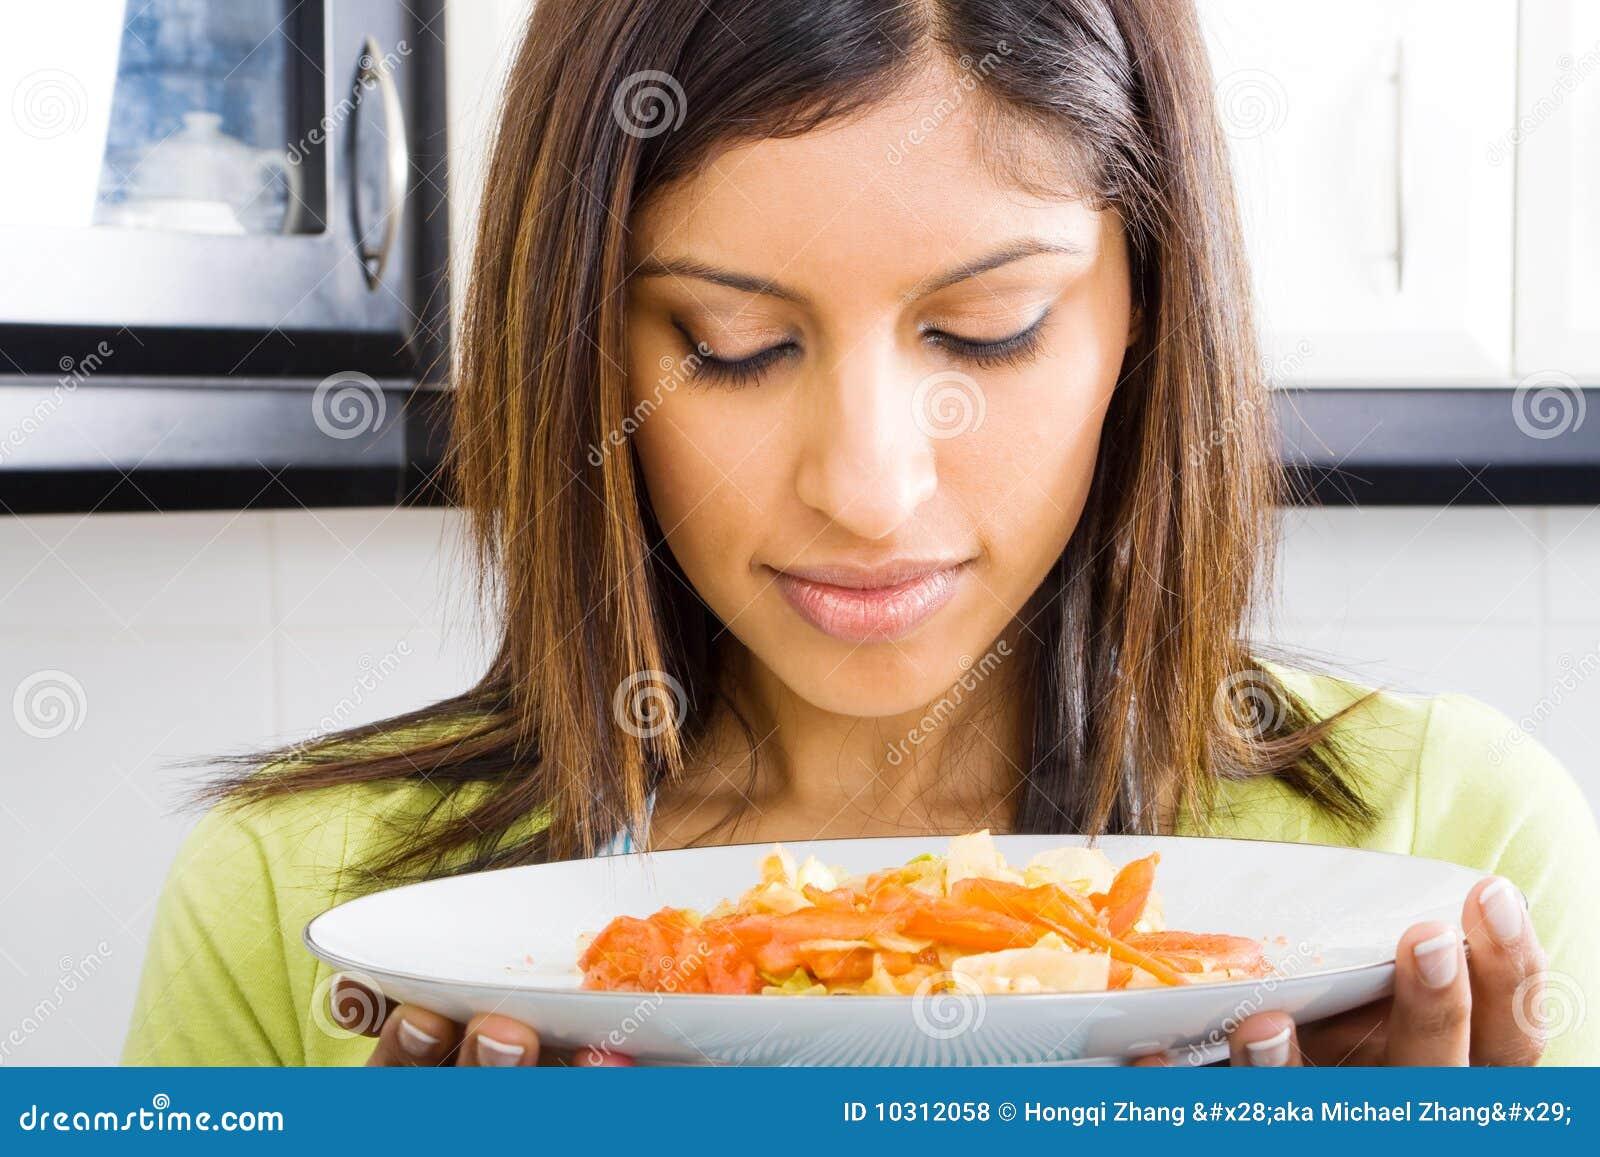 Savory food